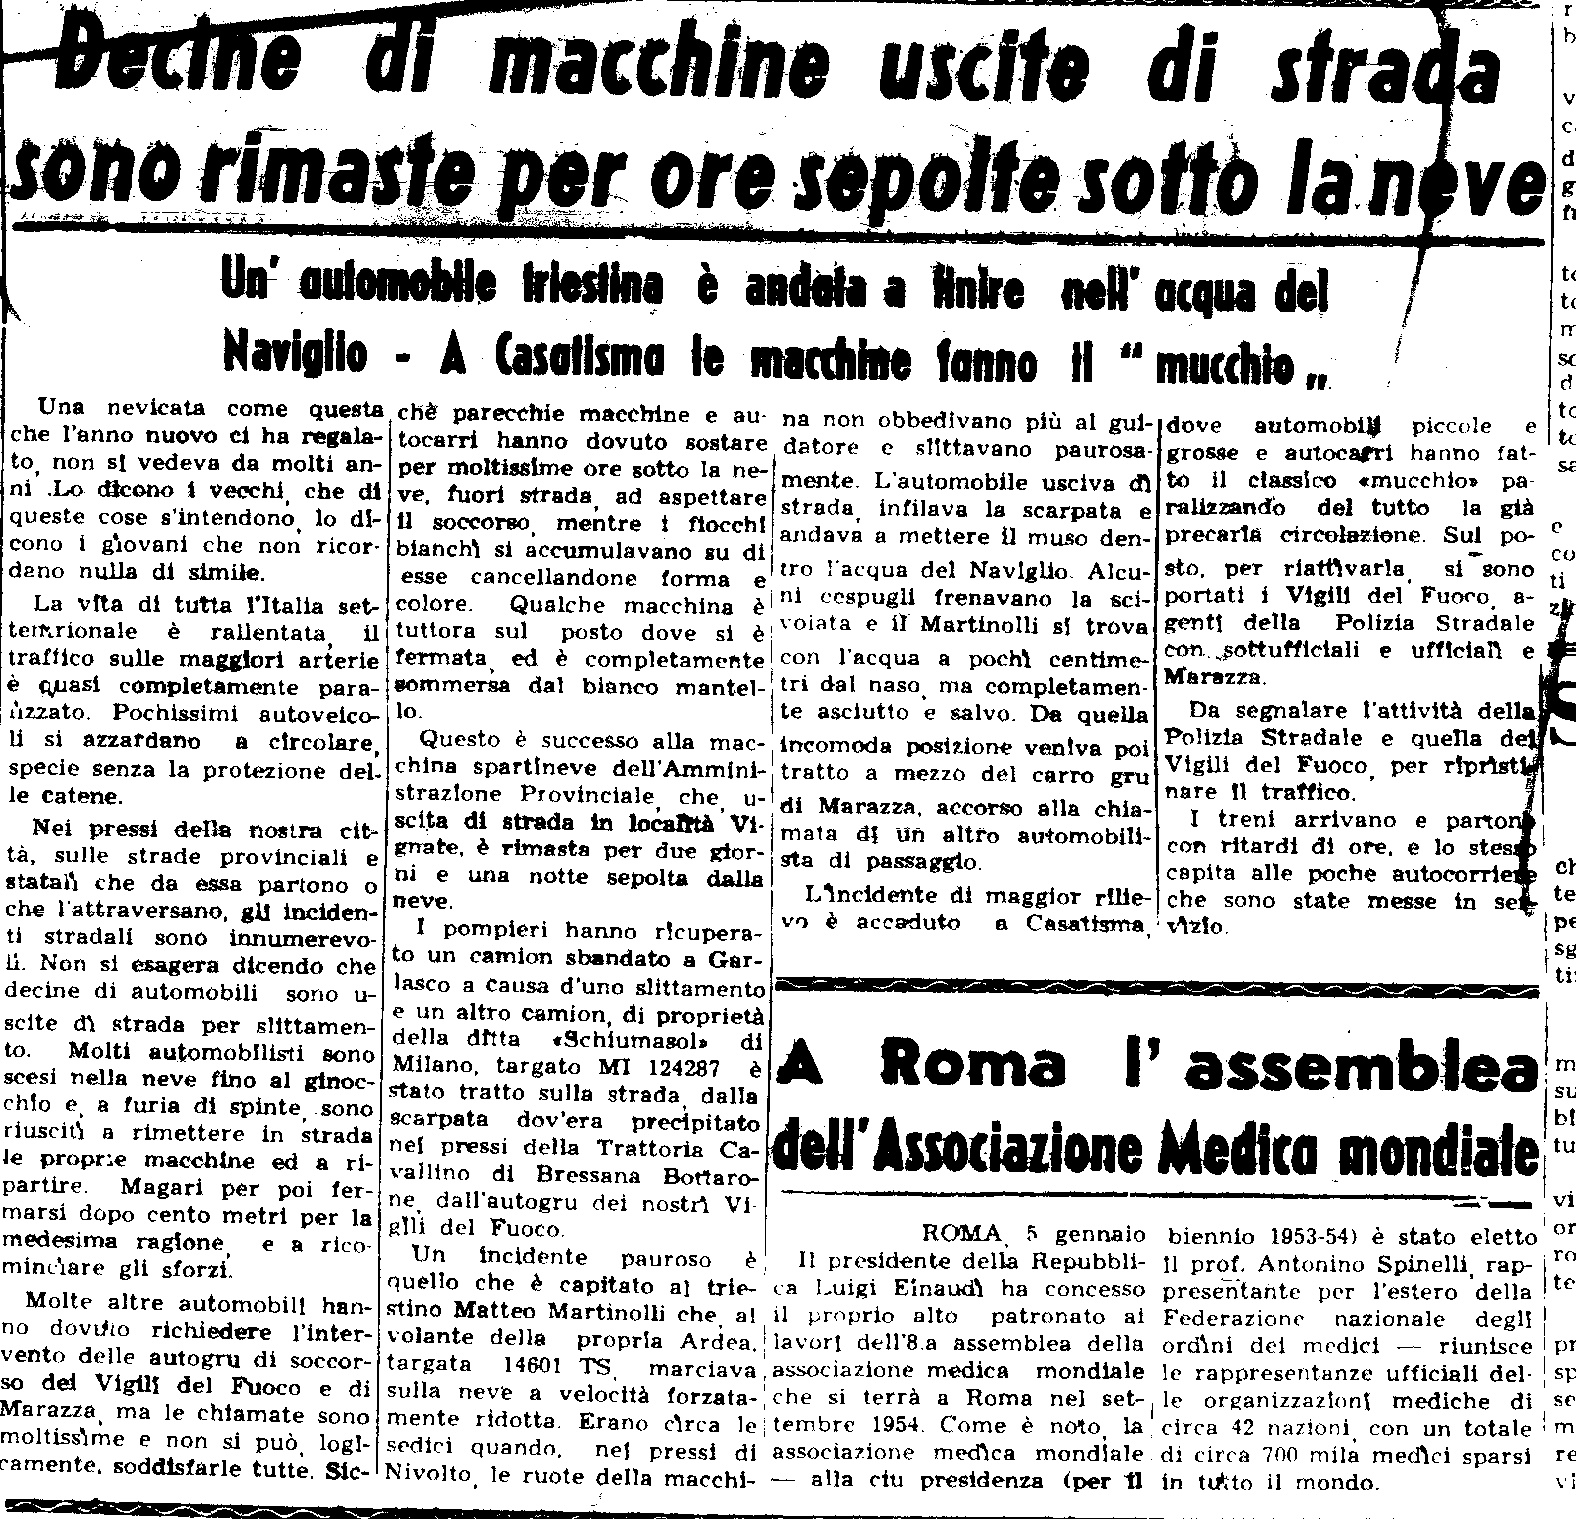 La nevicata del 6 Febbraio 1954 ripresa da un articolo de